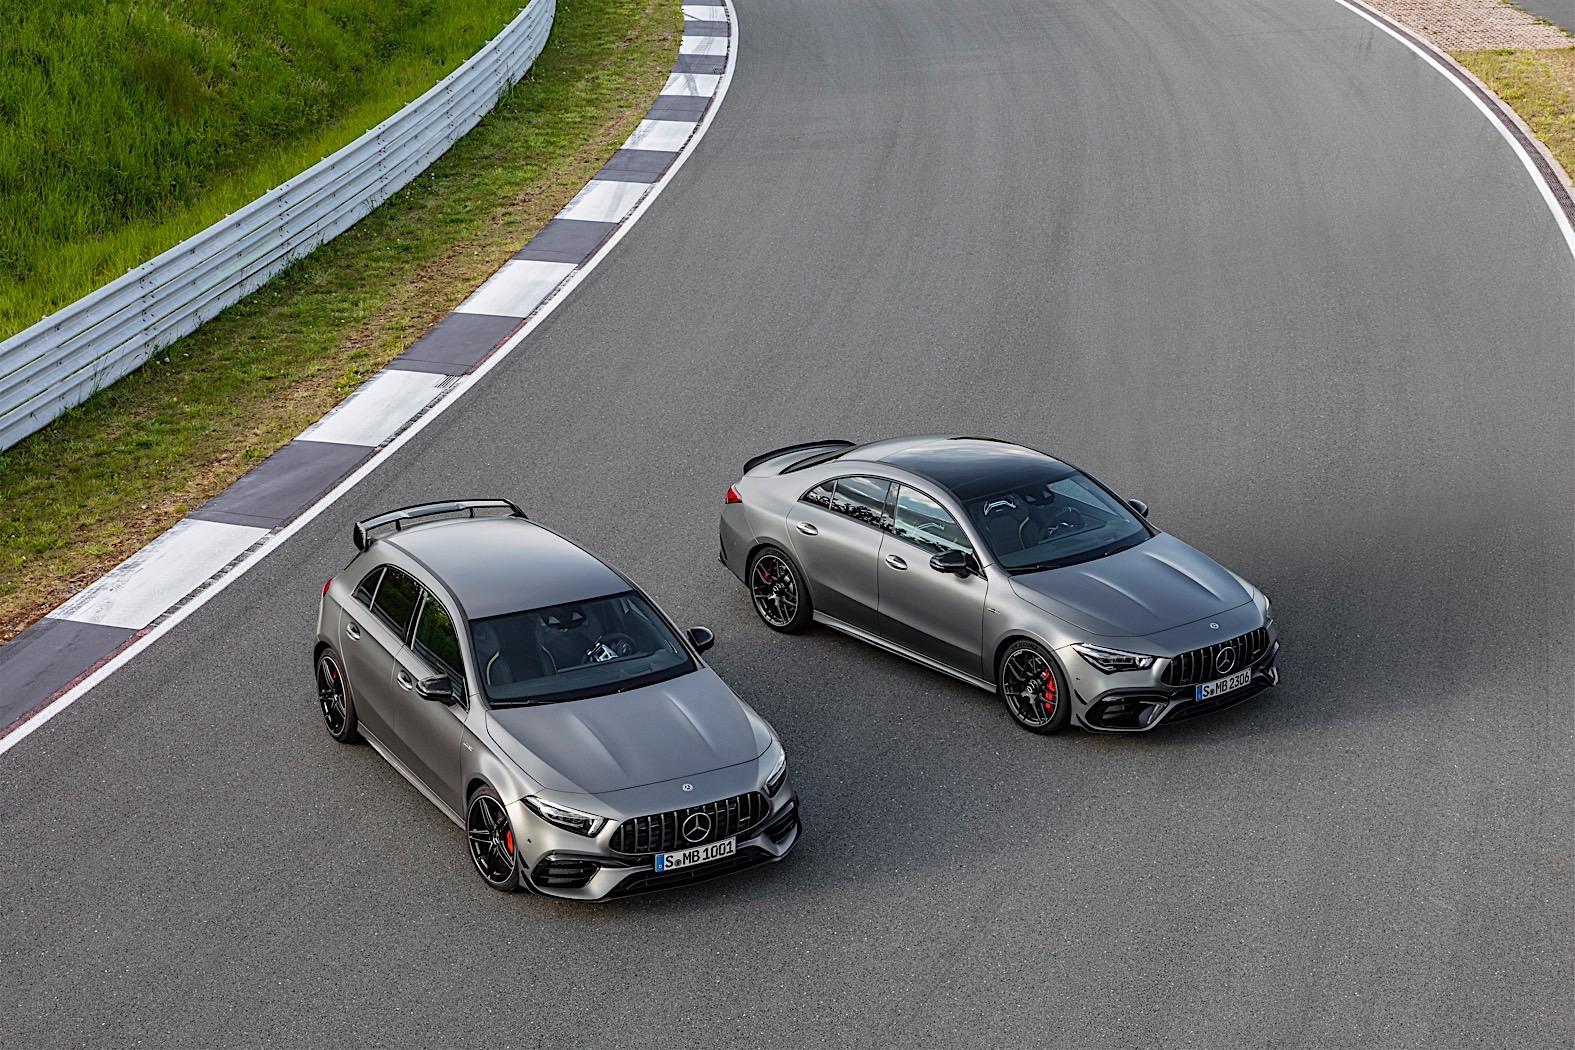 Upoznajte Mercedes-AMG A45 i CLA 45 (GALERIJA)